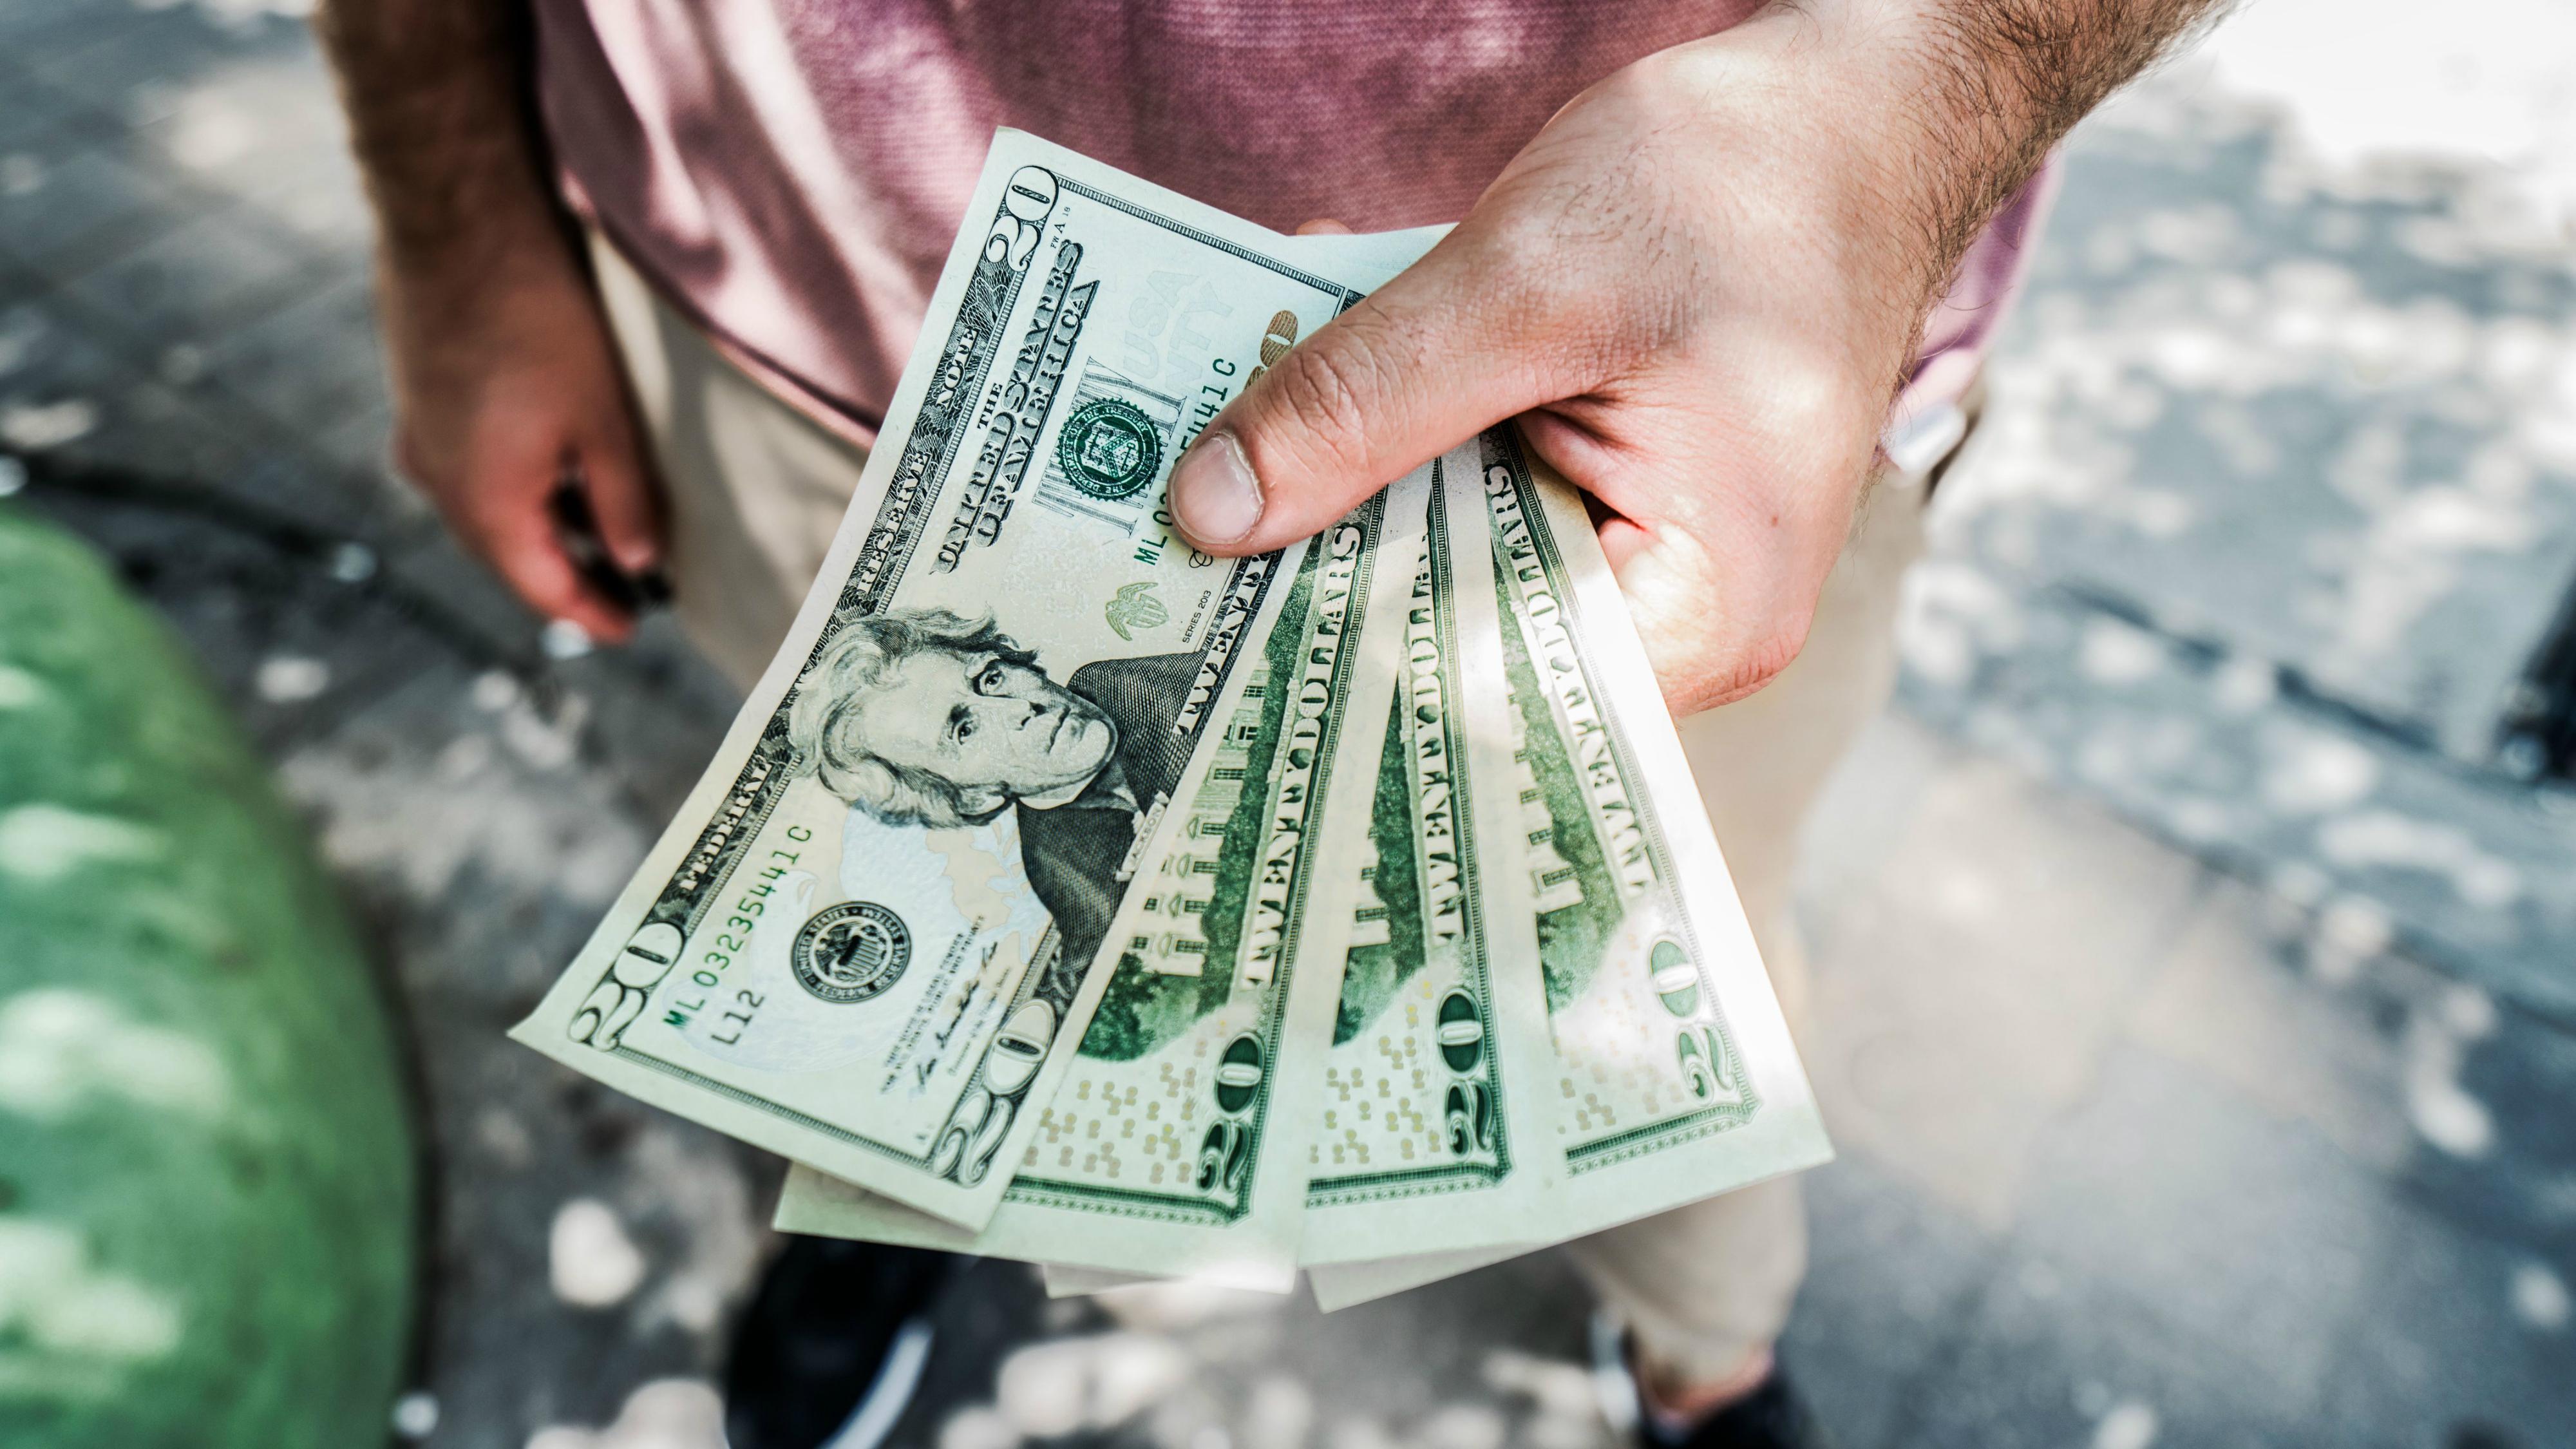 kā stabili nopelnīt naudu tiešsaistē naudu, lai izveidotu savu biznesu